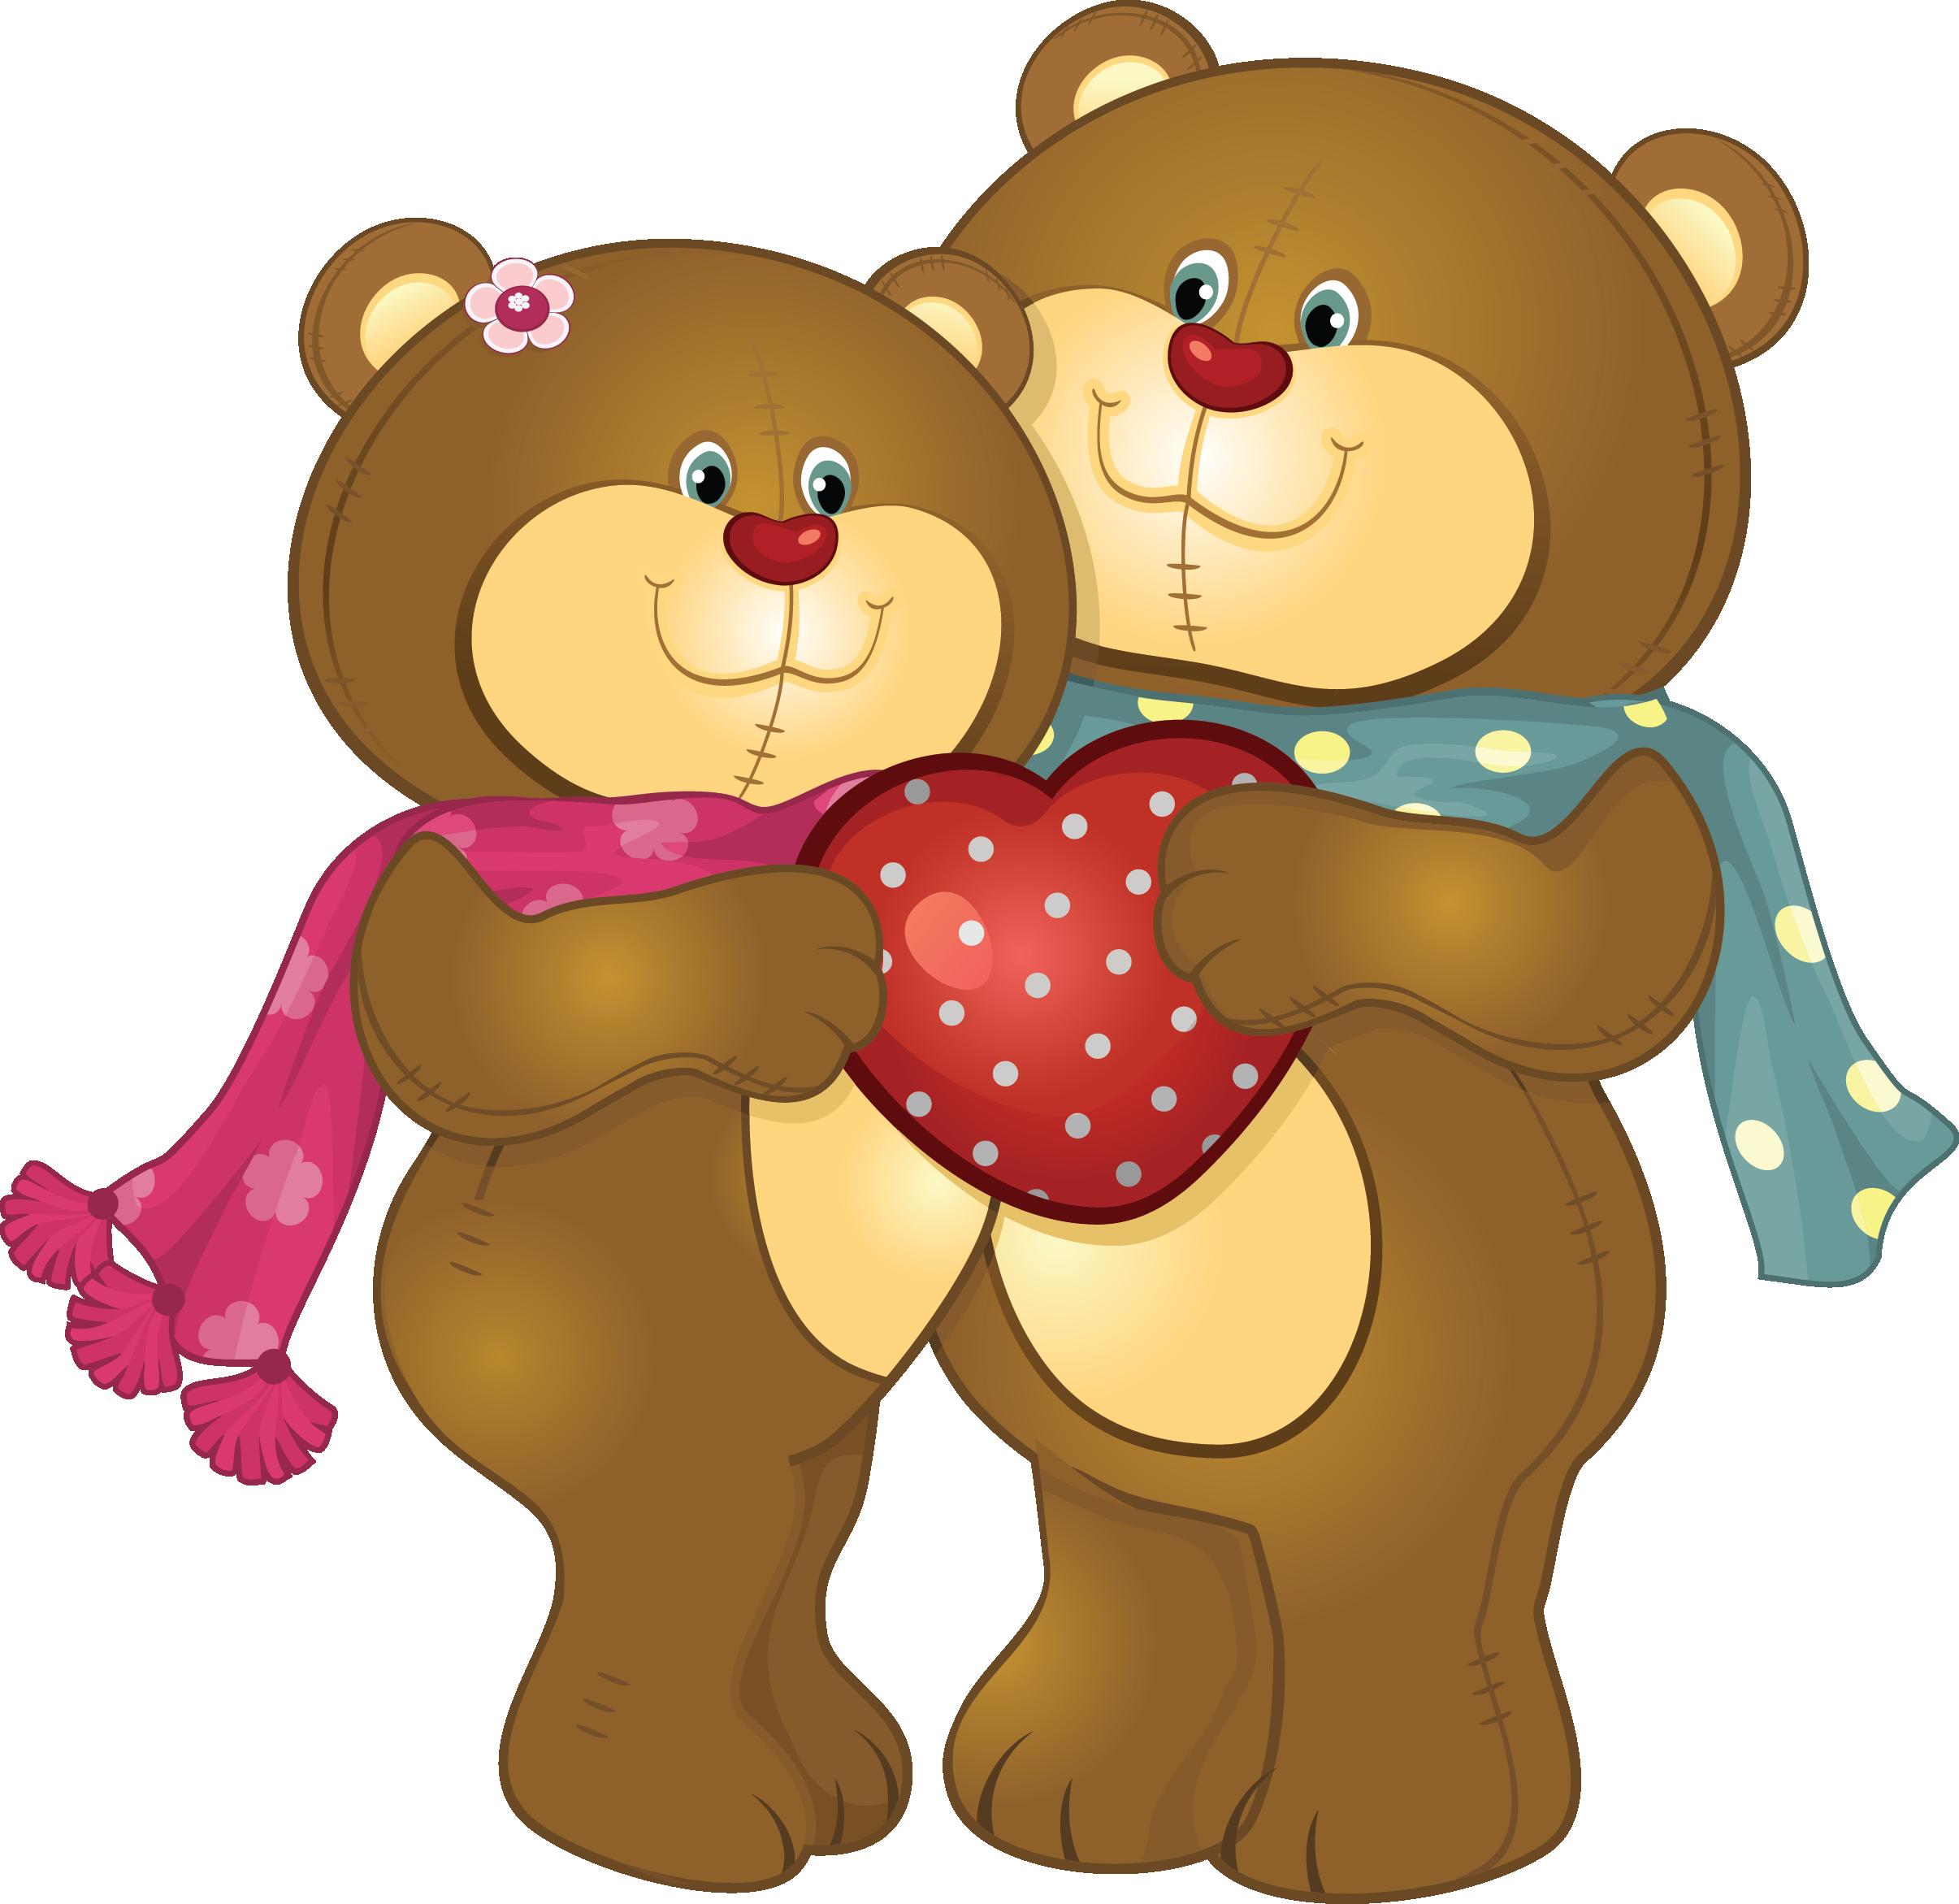 Веселый медвежонок картинки, гифка открытки или